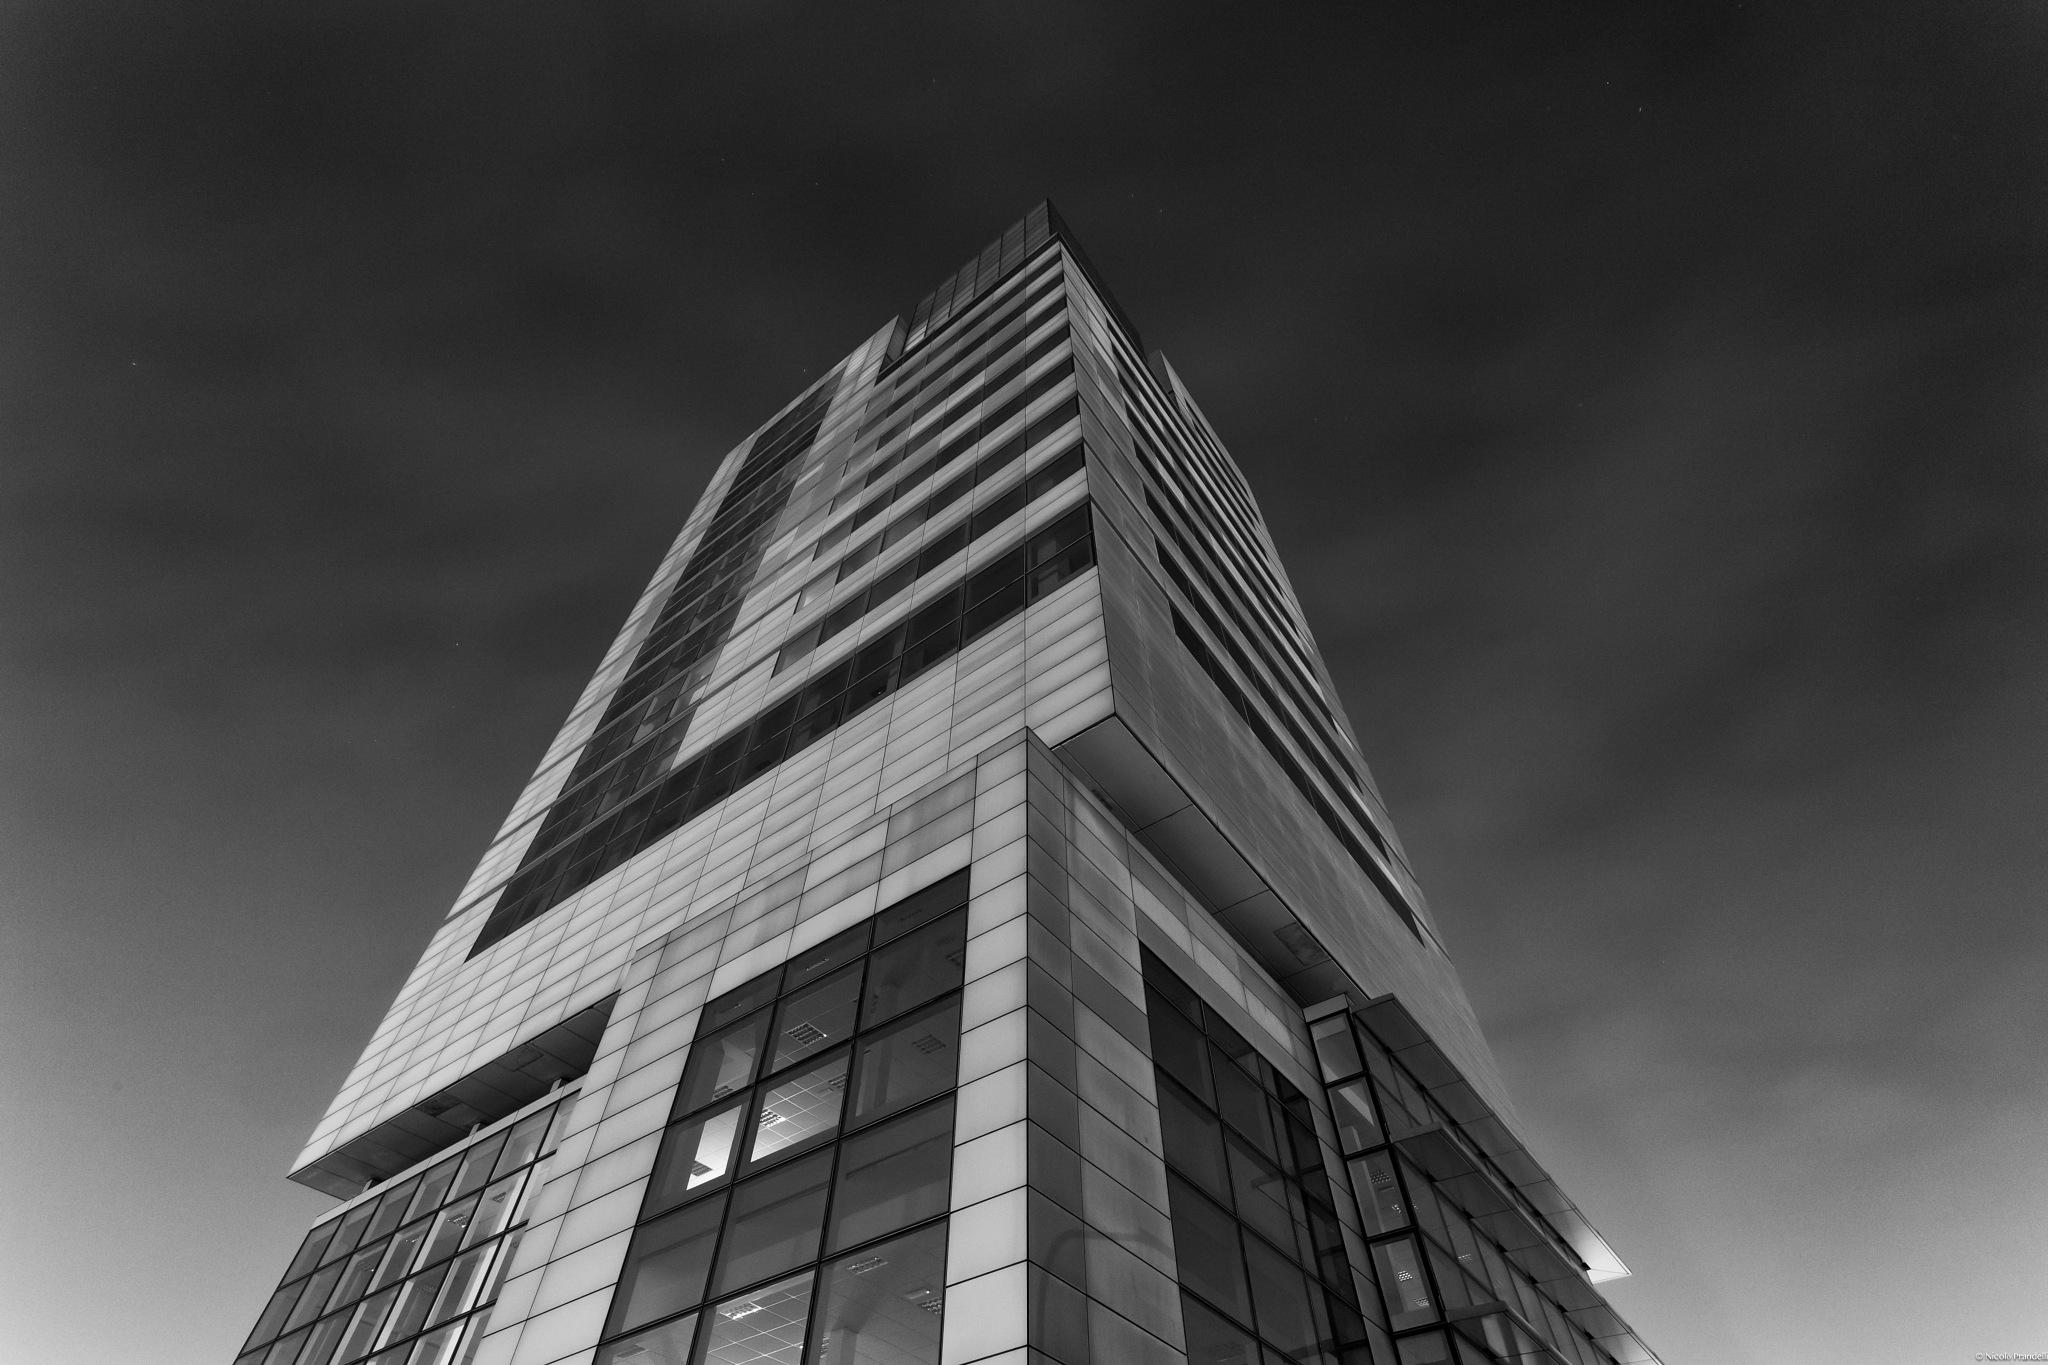 Magic tower by PrandelliNicolo